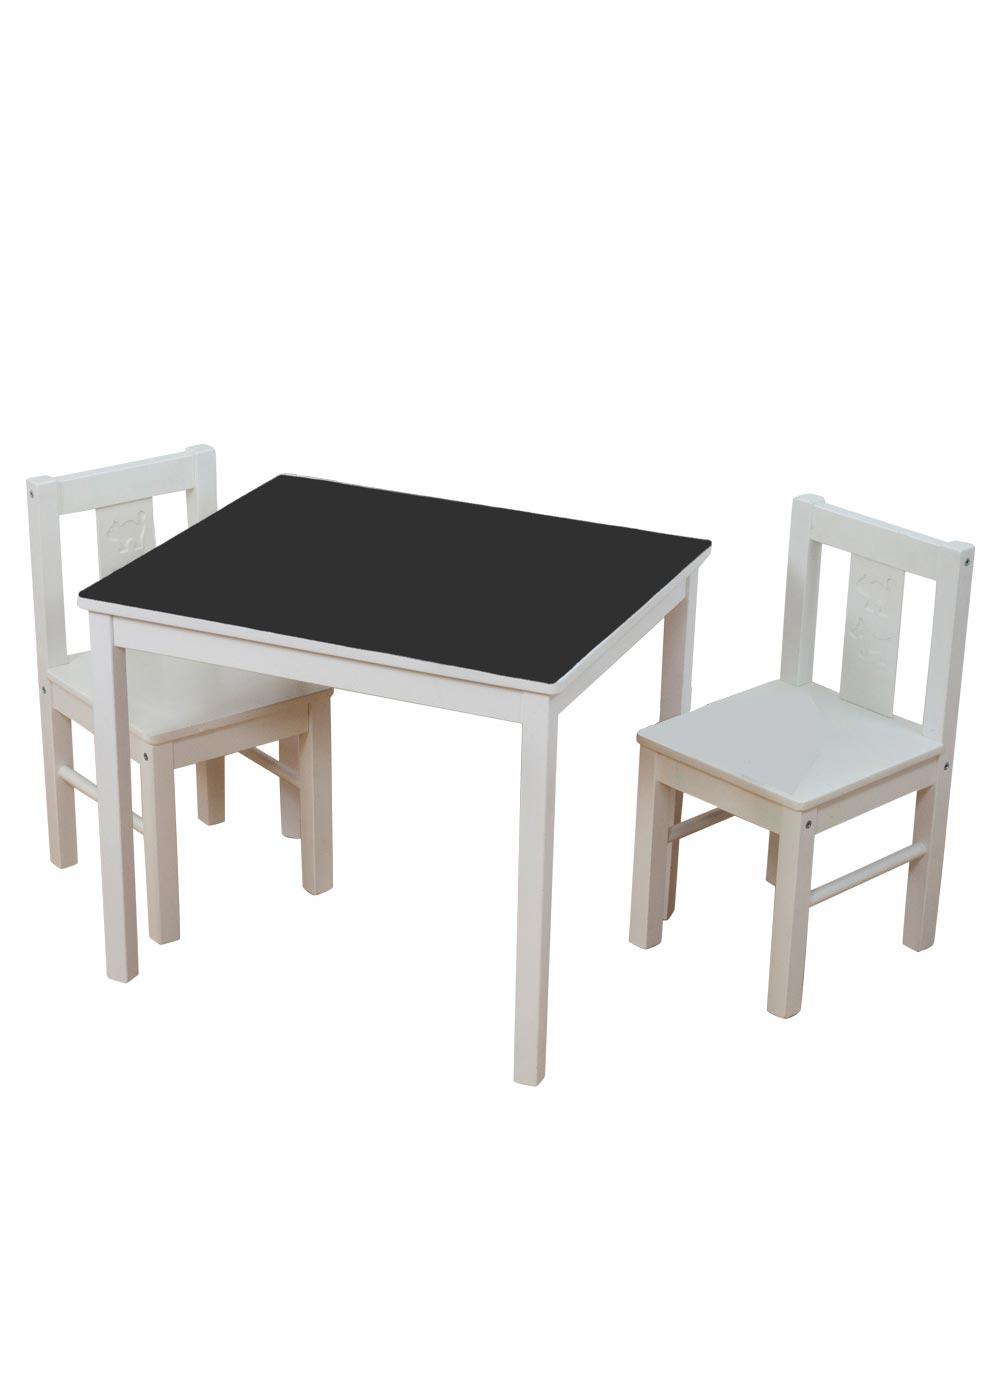 Ikea Kritter Kindertisch Ideenreich Tafelfolie  Komplett